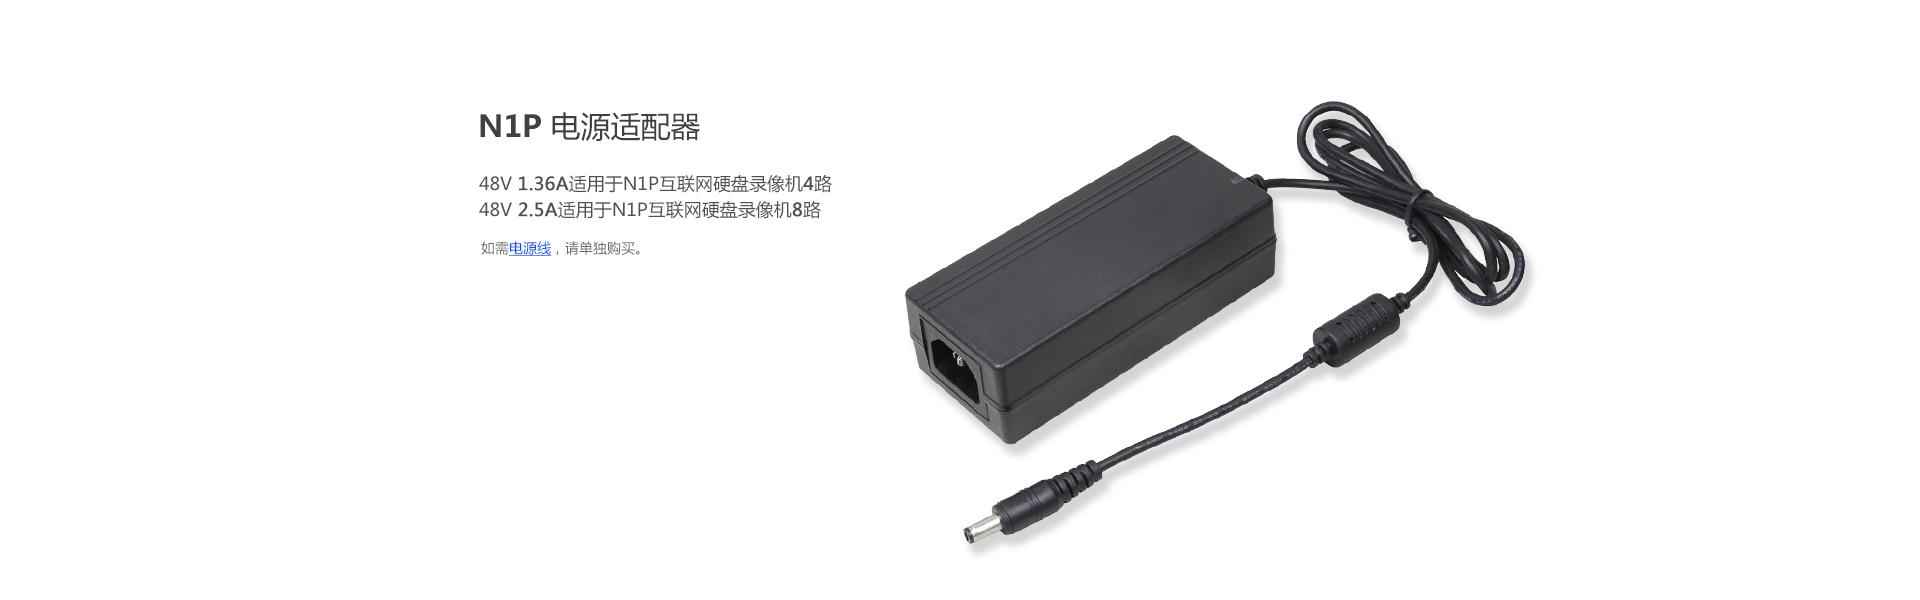 N1P电源适配线-Web.jpg